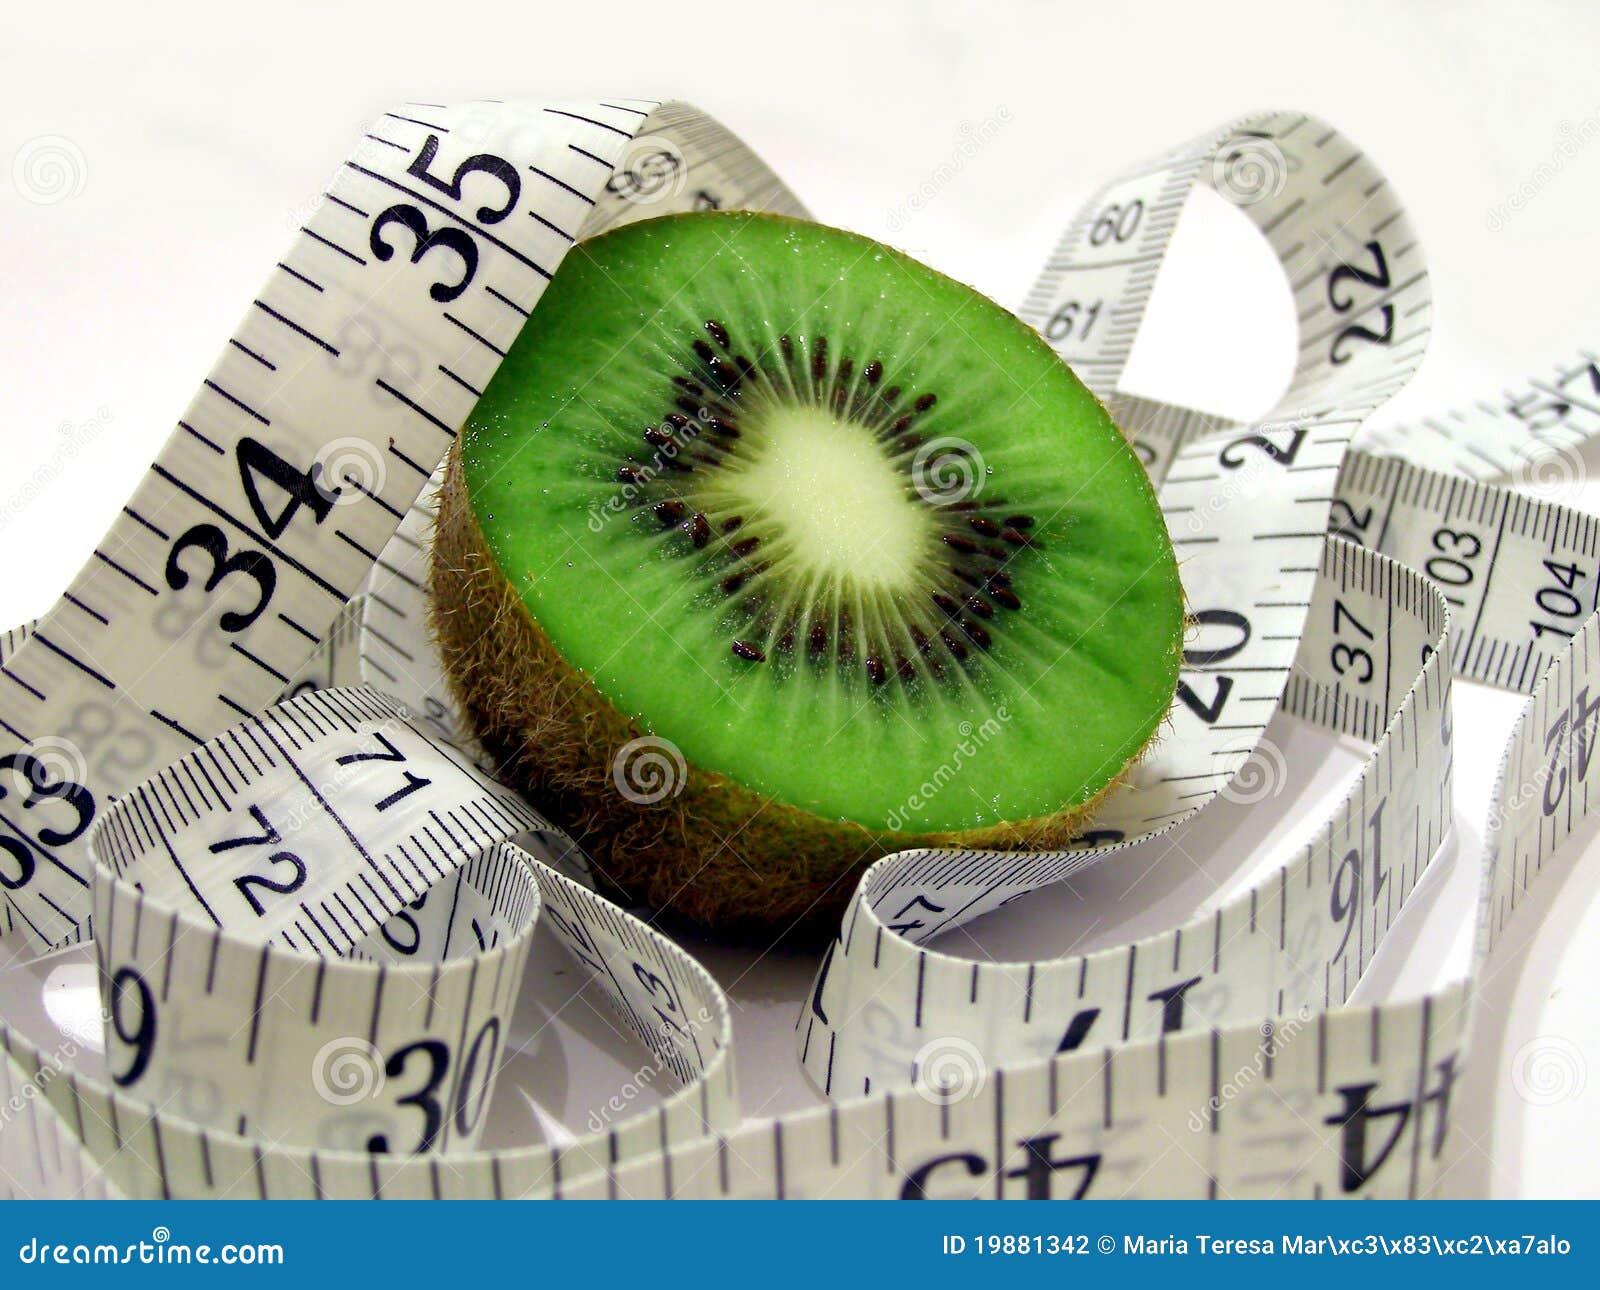 чем можно заменить киви в диете